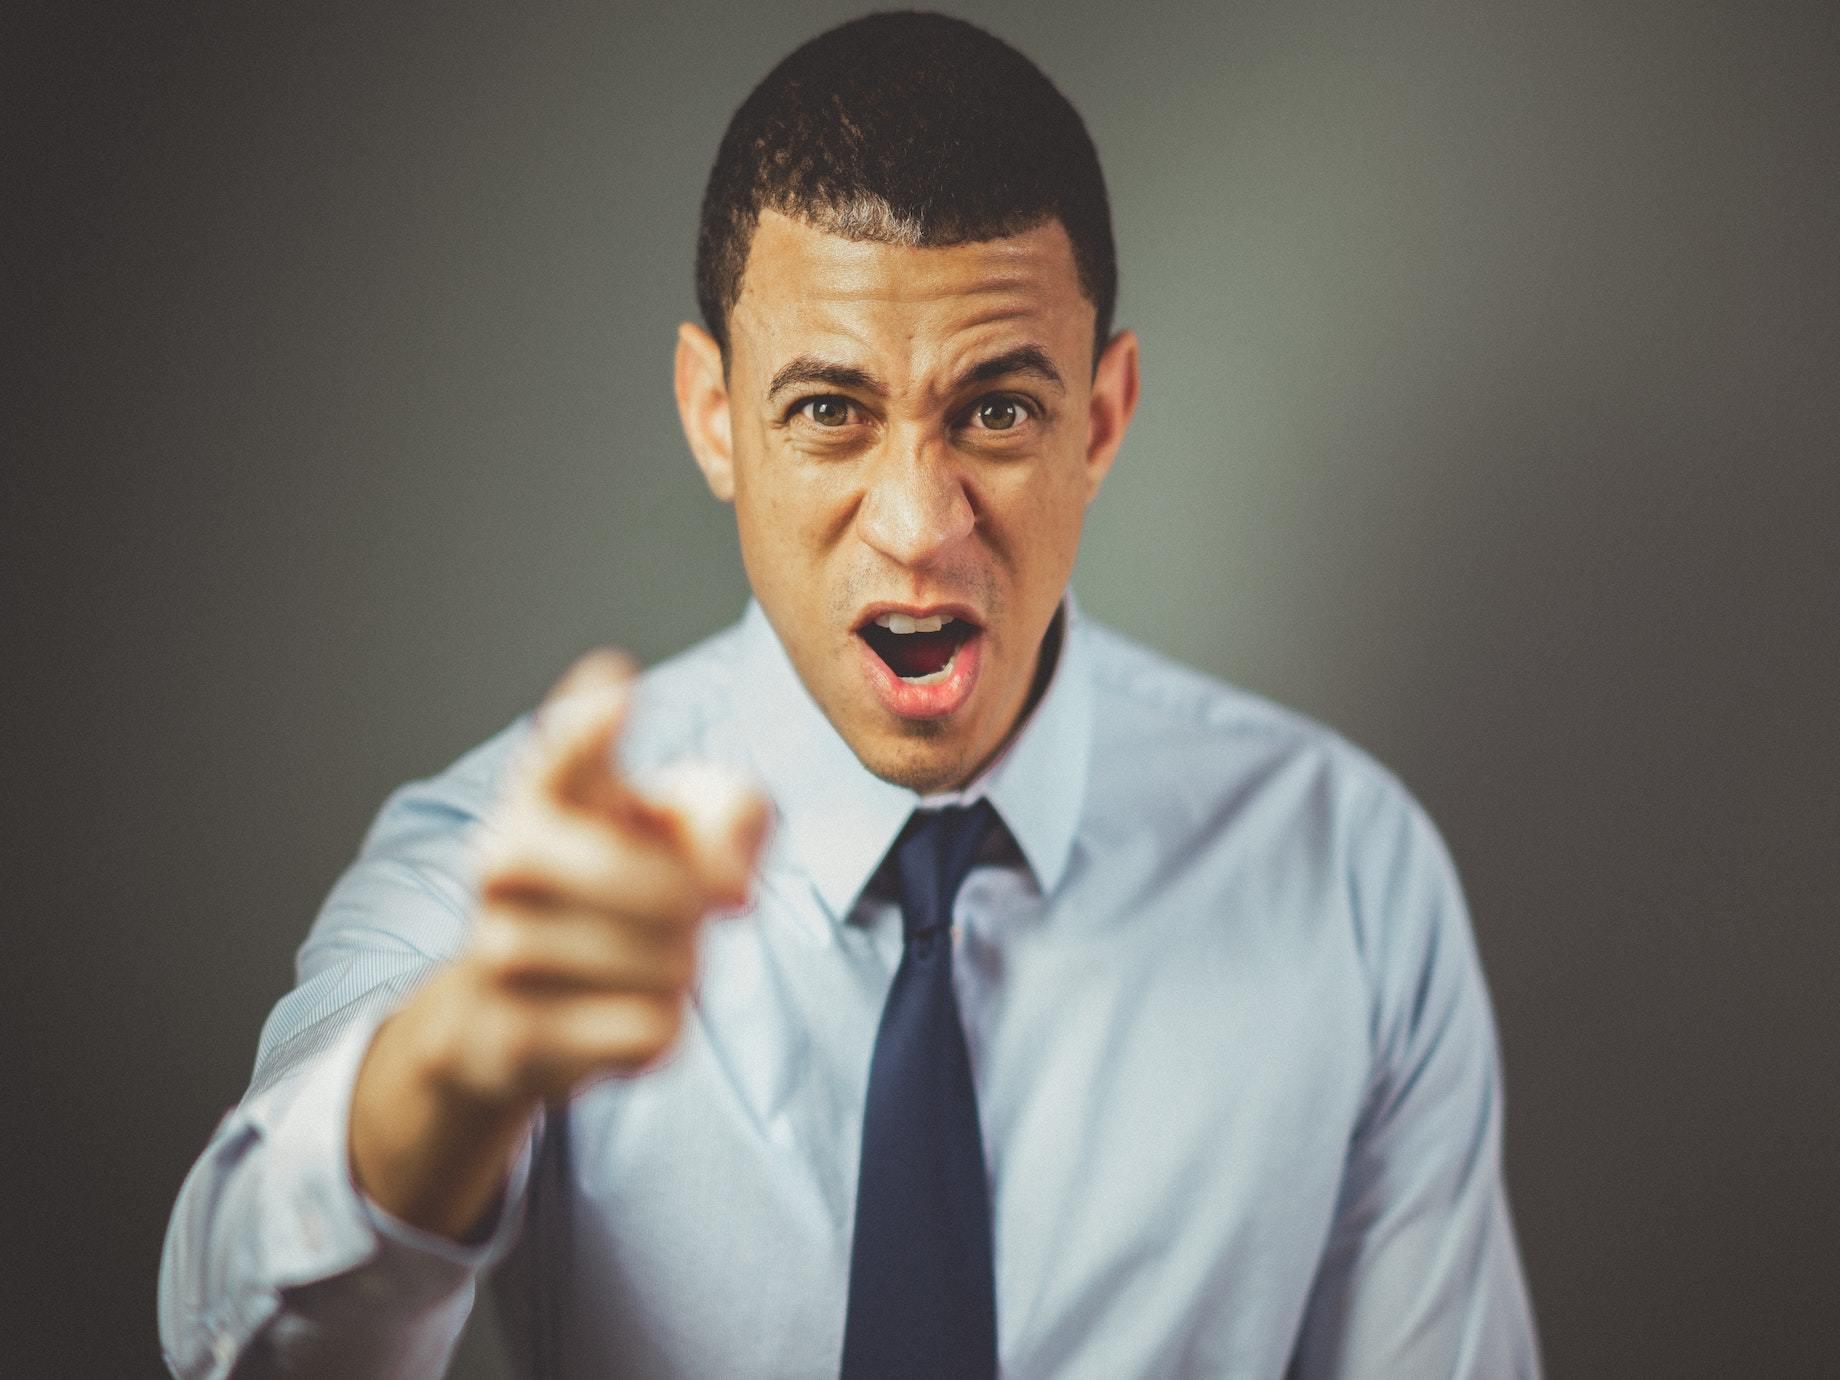 部屬犯錯怎麼「罵得好」?4步驟引導部屬主動提出「懲罰方案」,糾正有效又得體